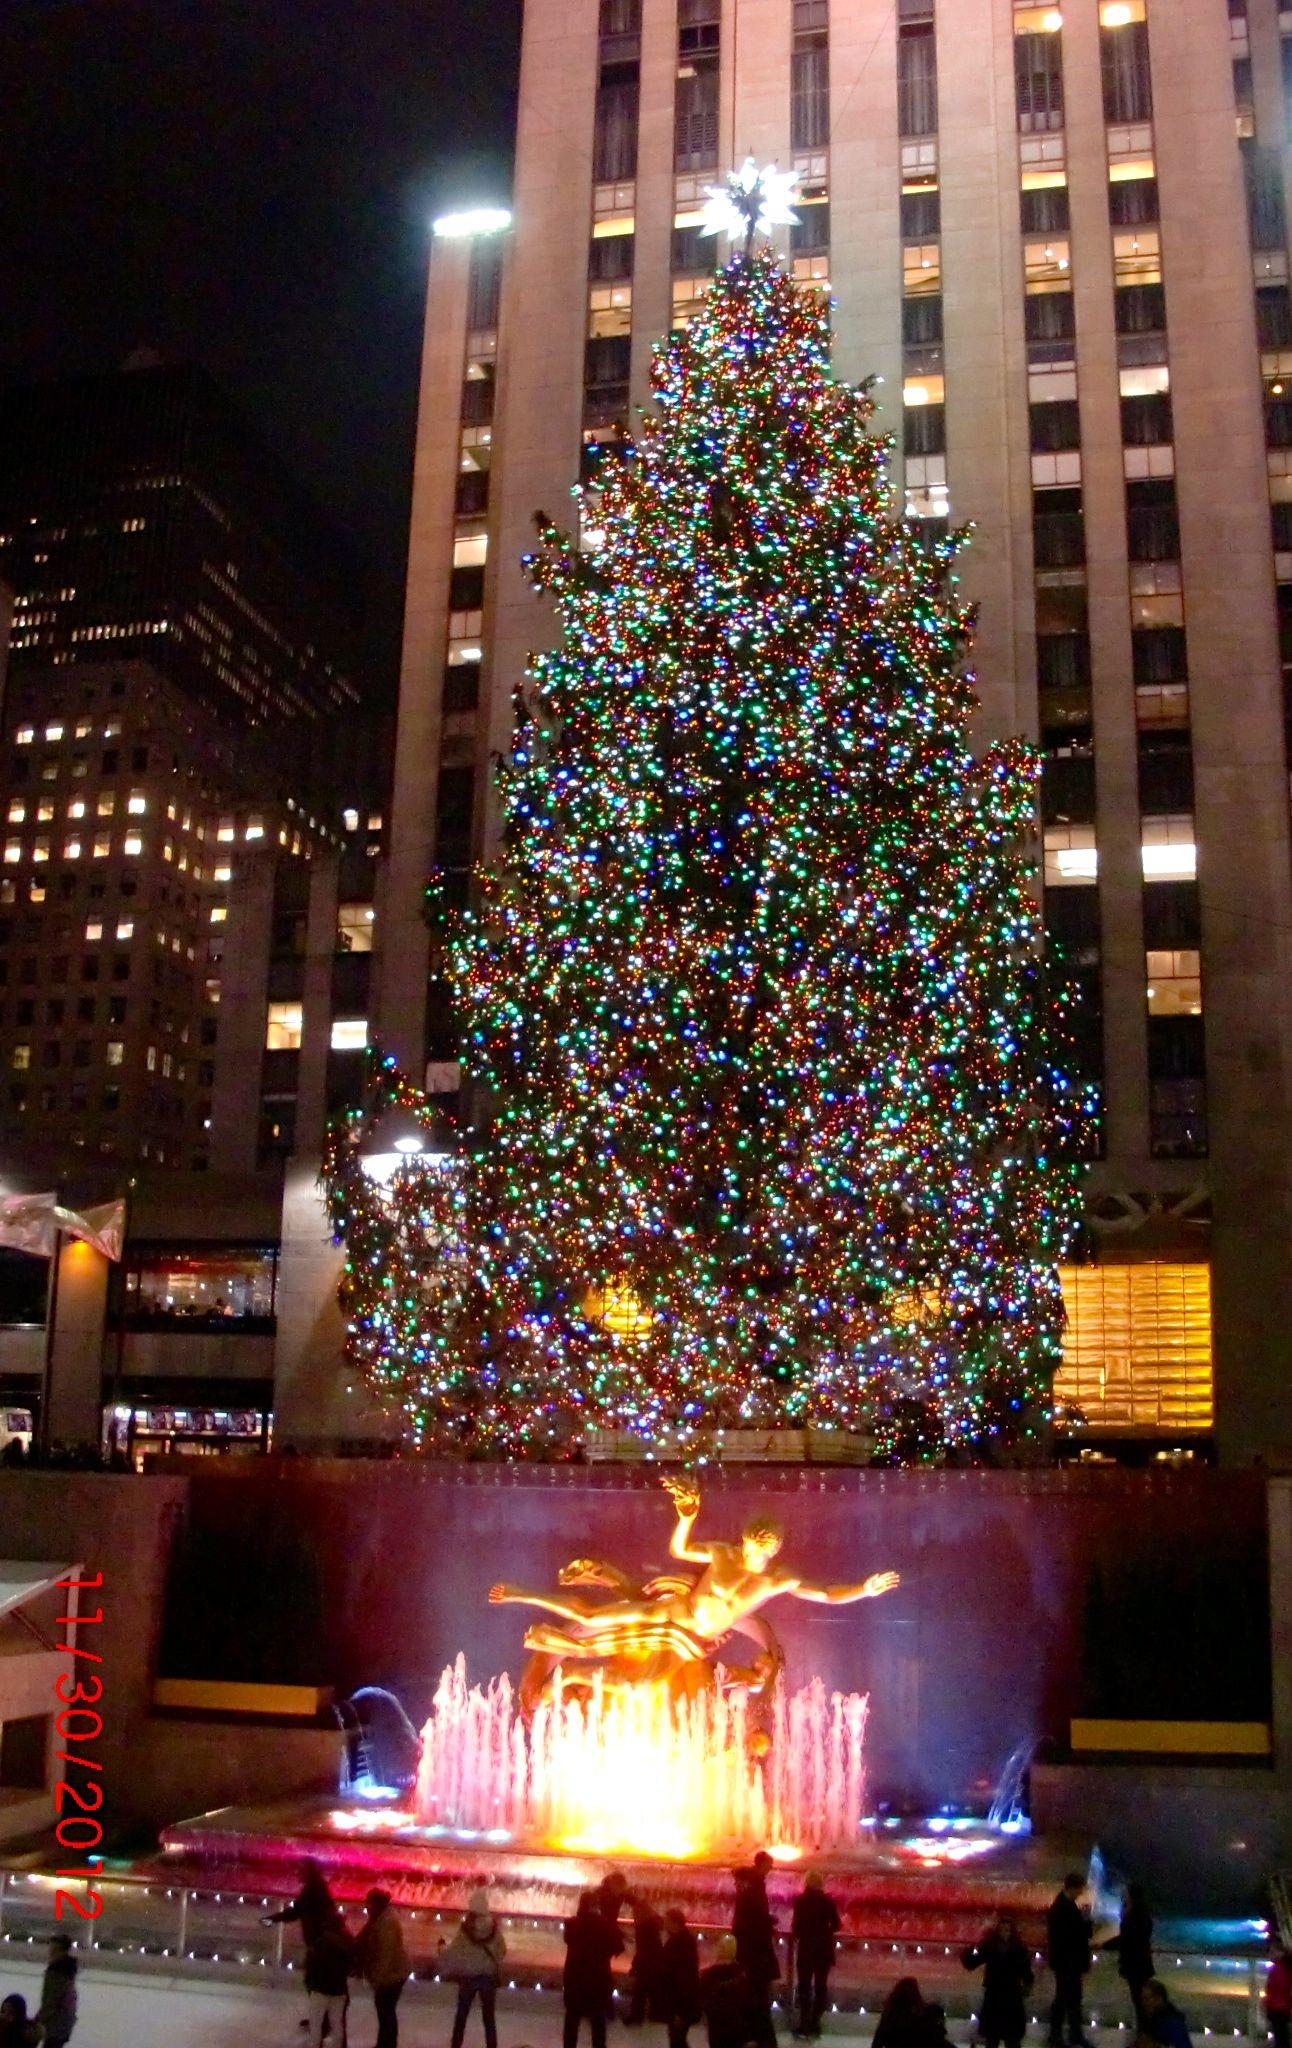 Rockefeller Center Christmas Tree #NYC 20121130 | I LOVE NY ...